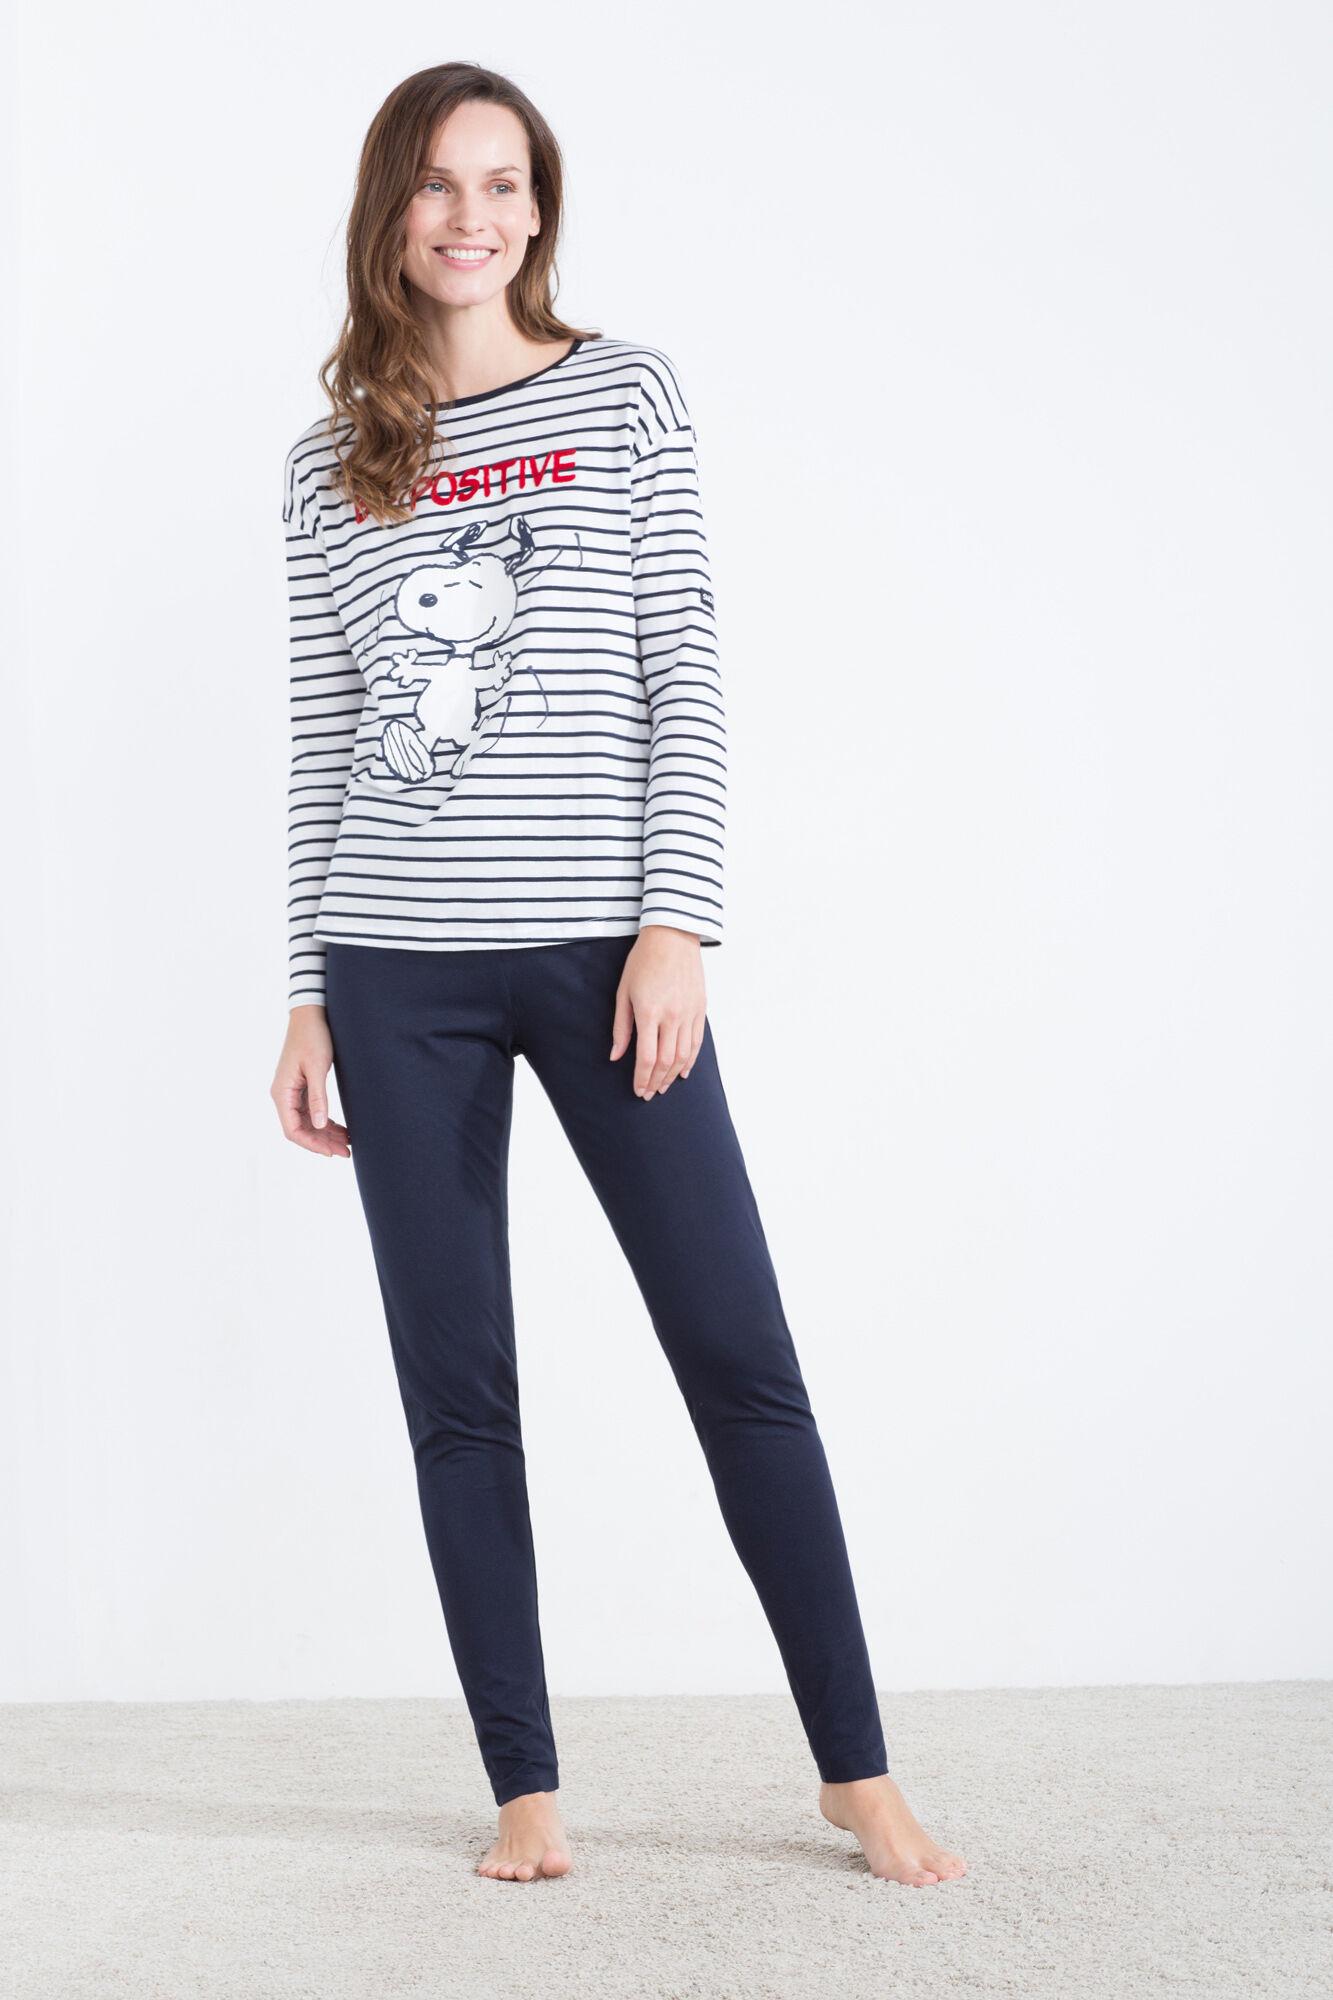 qualité stable comment acheter détaillant en ligne Pijama de algodón de Snoopy